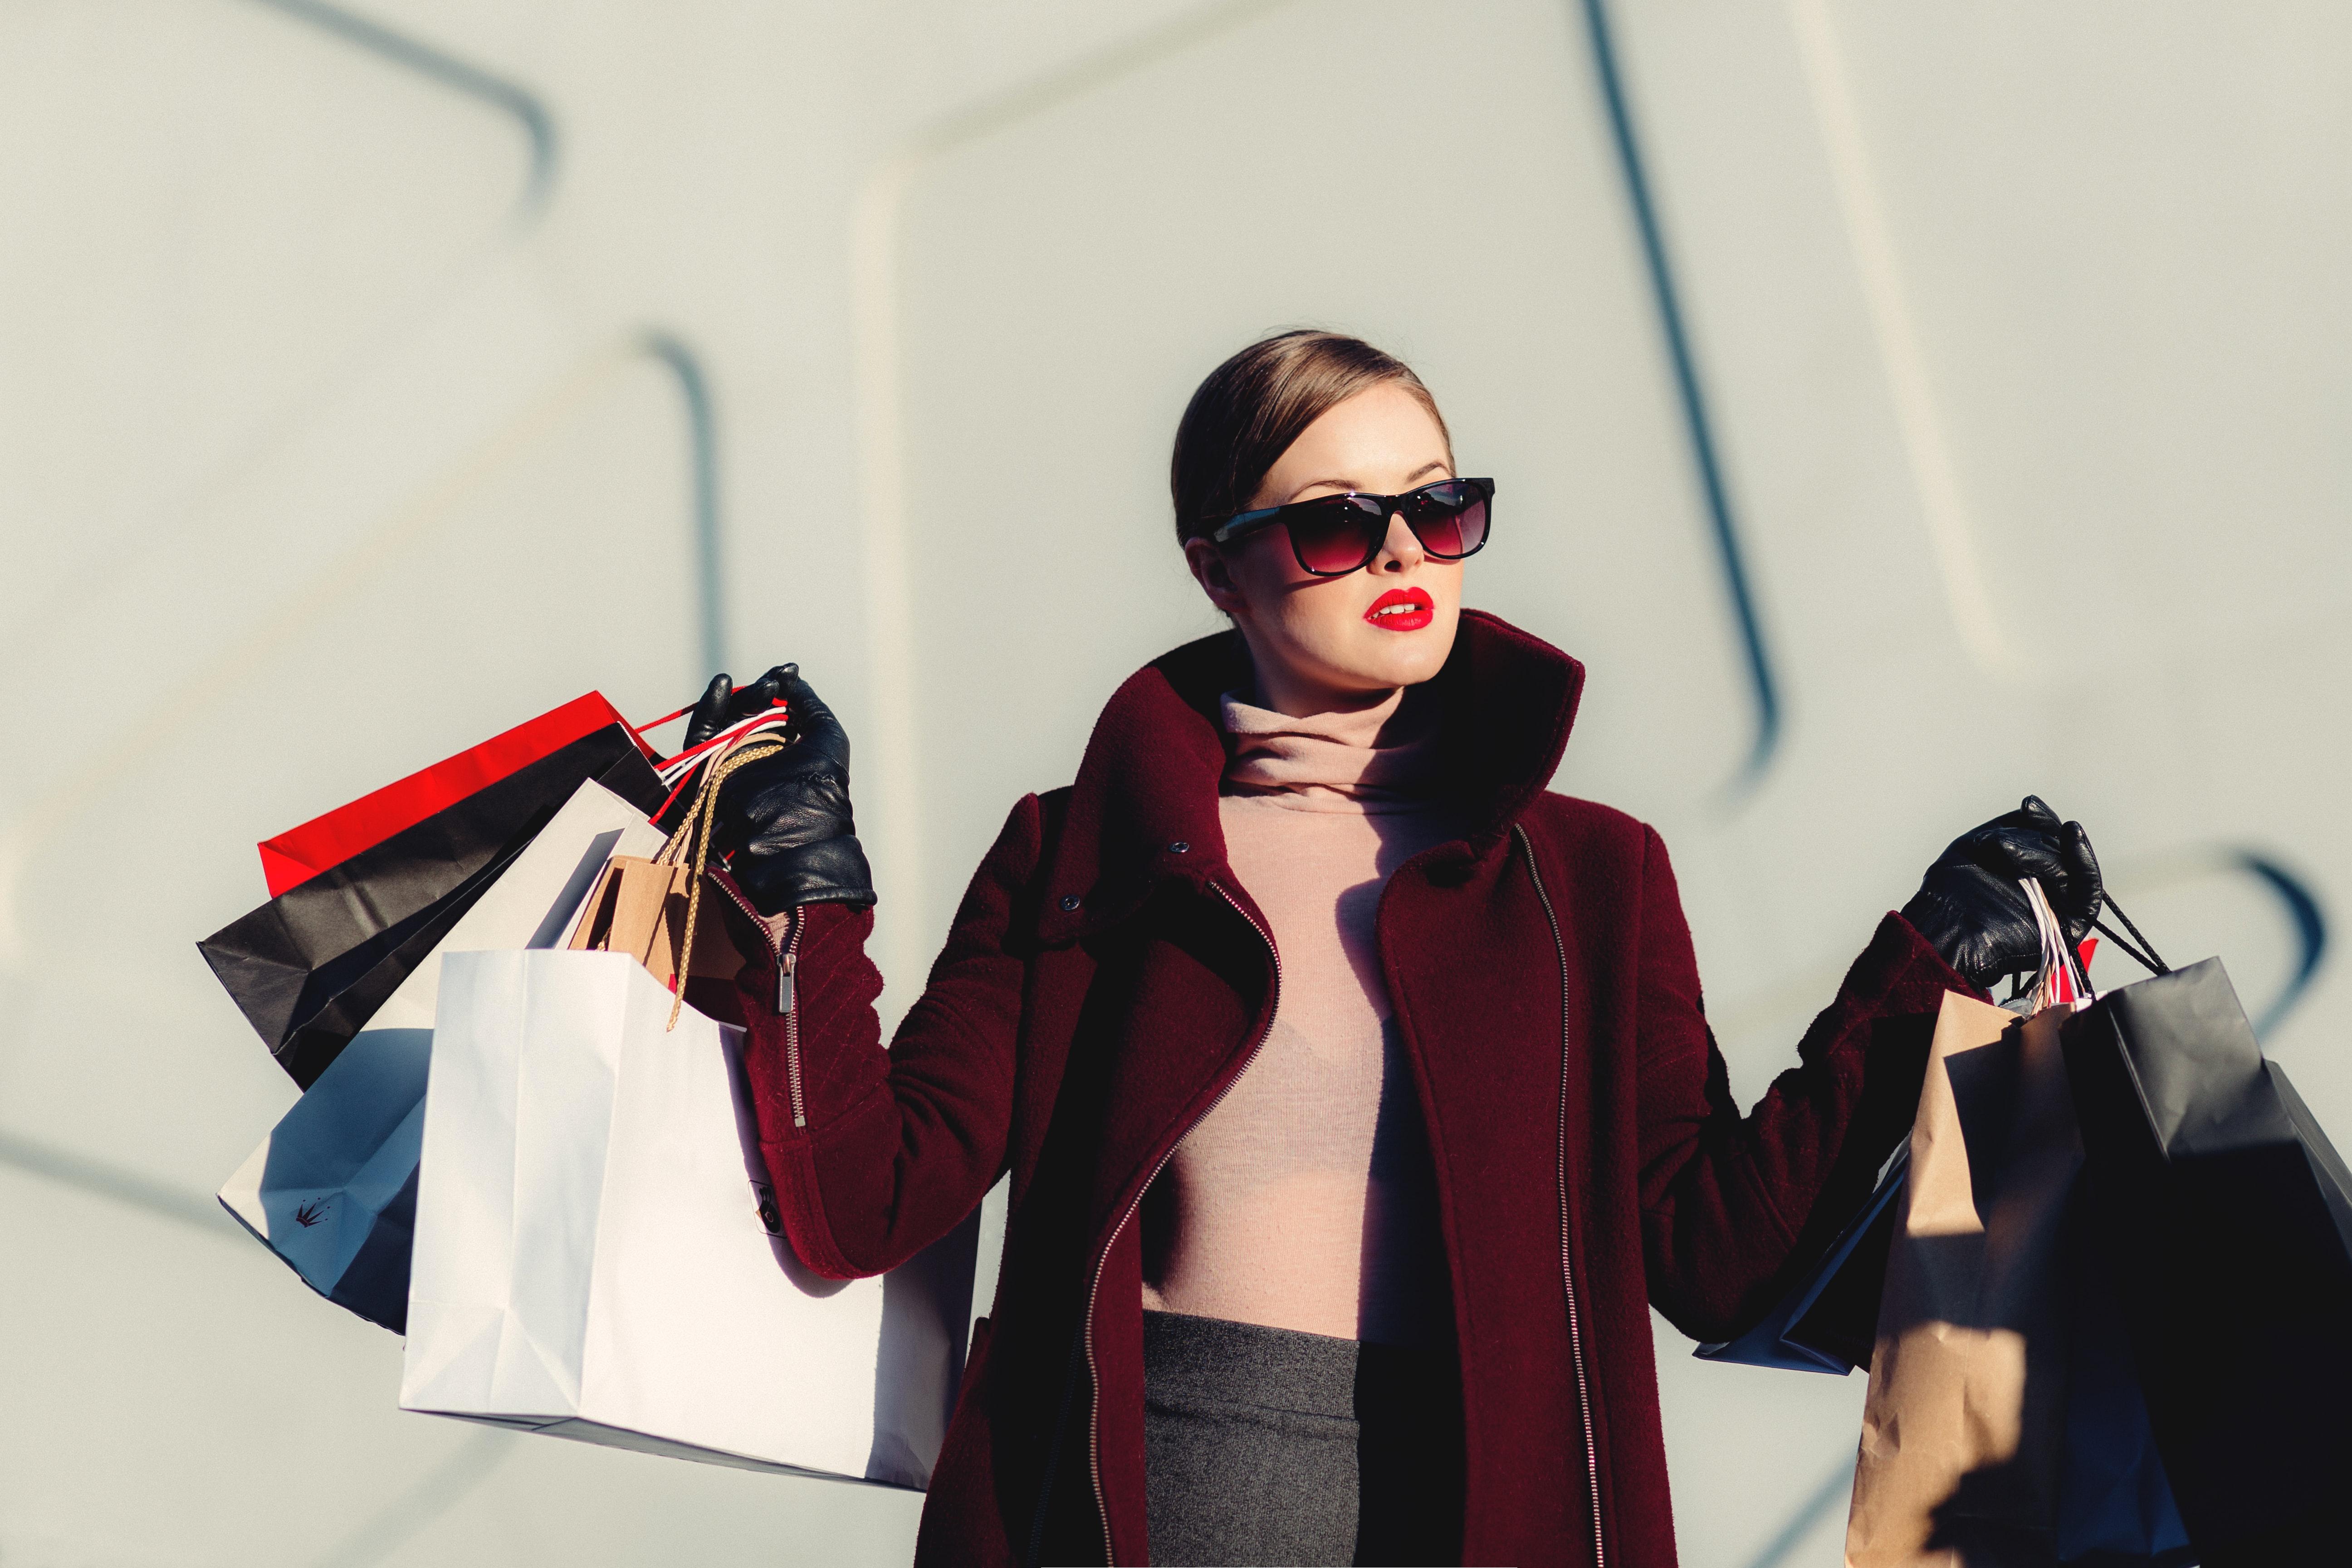 Köphets och masskonsumtion